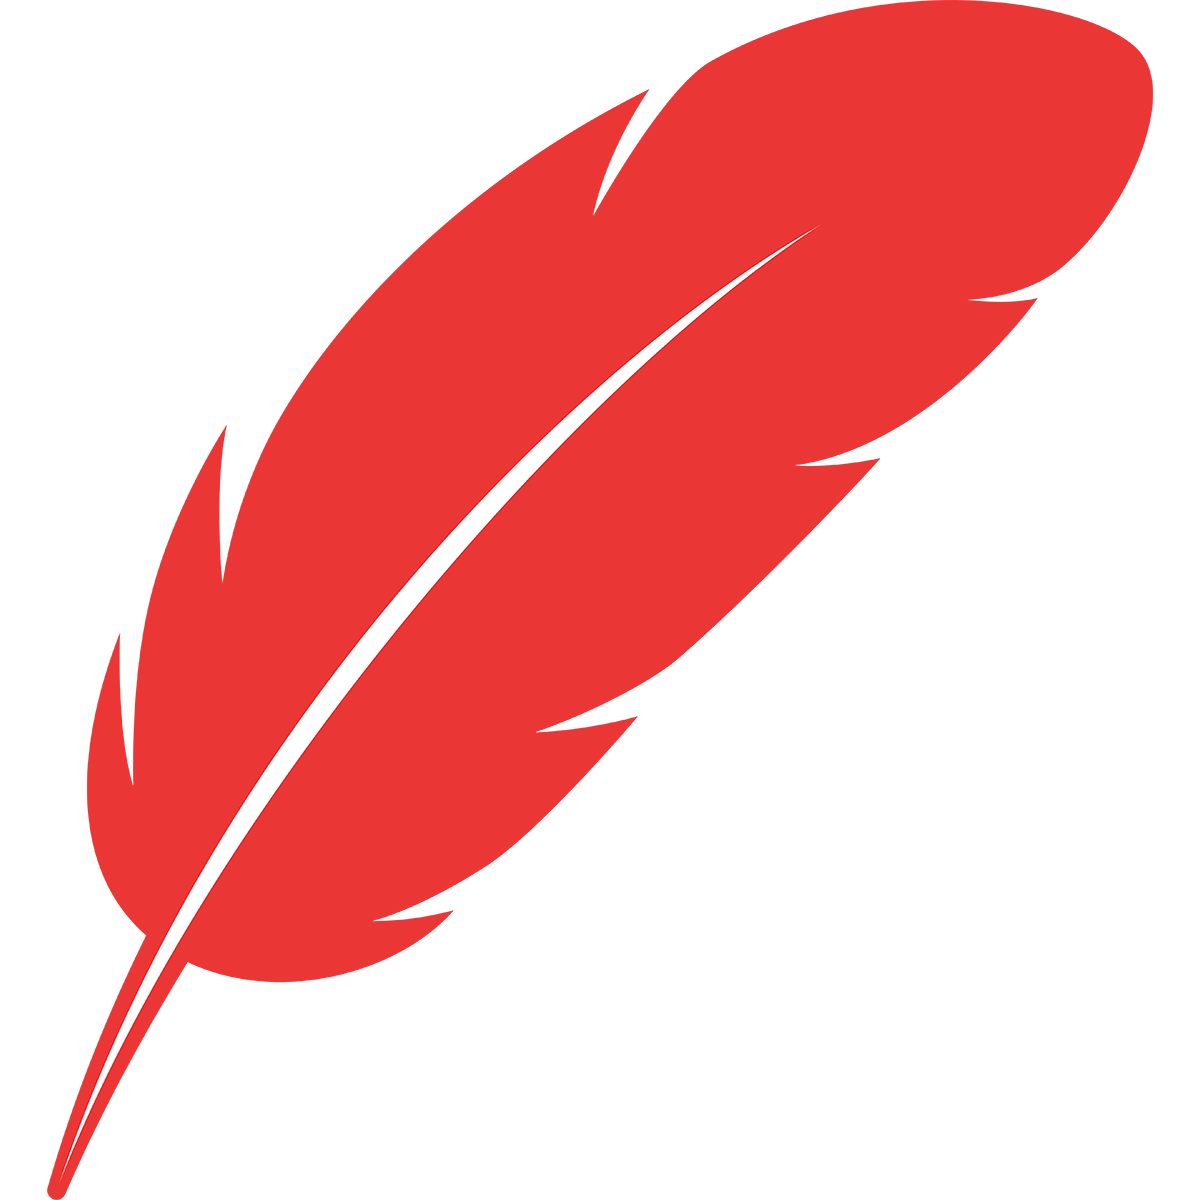 赤い羽根の無料イラスト